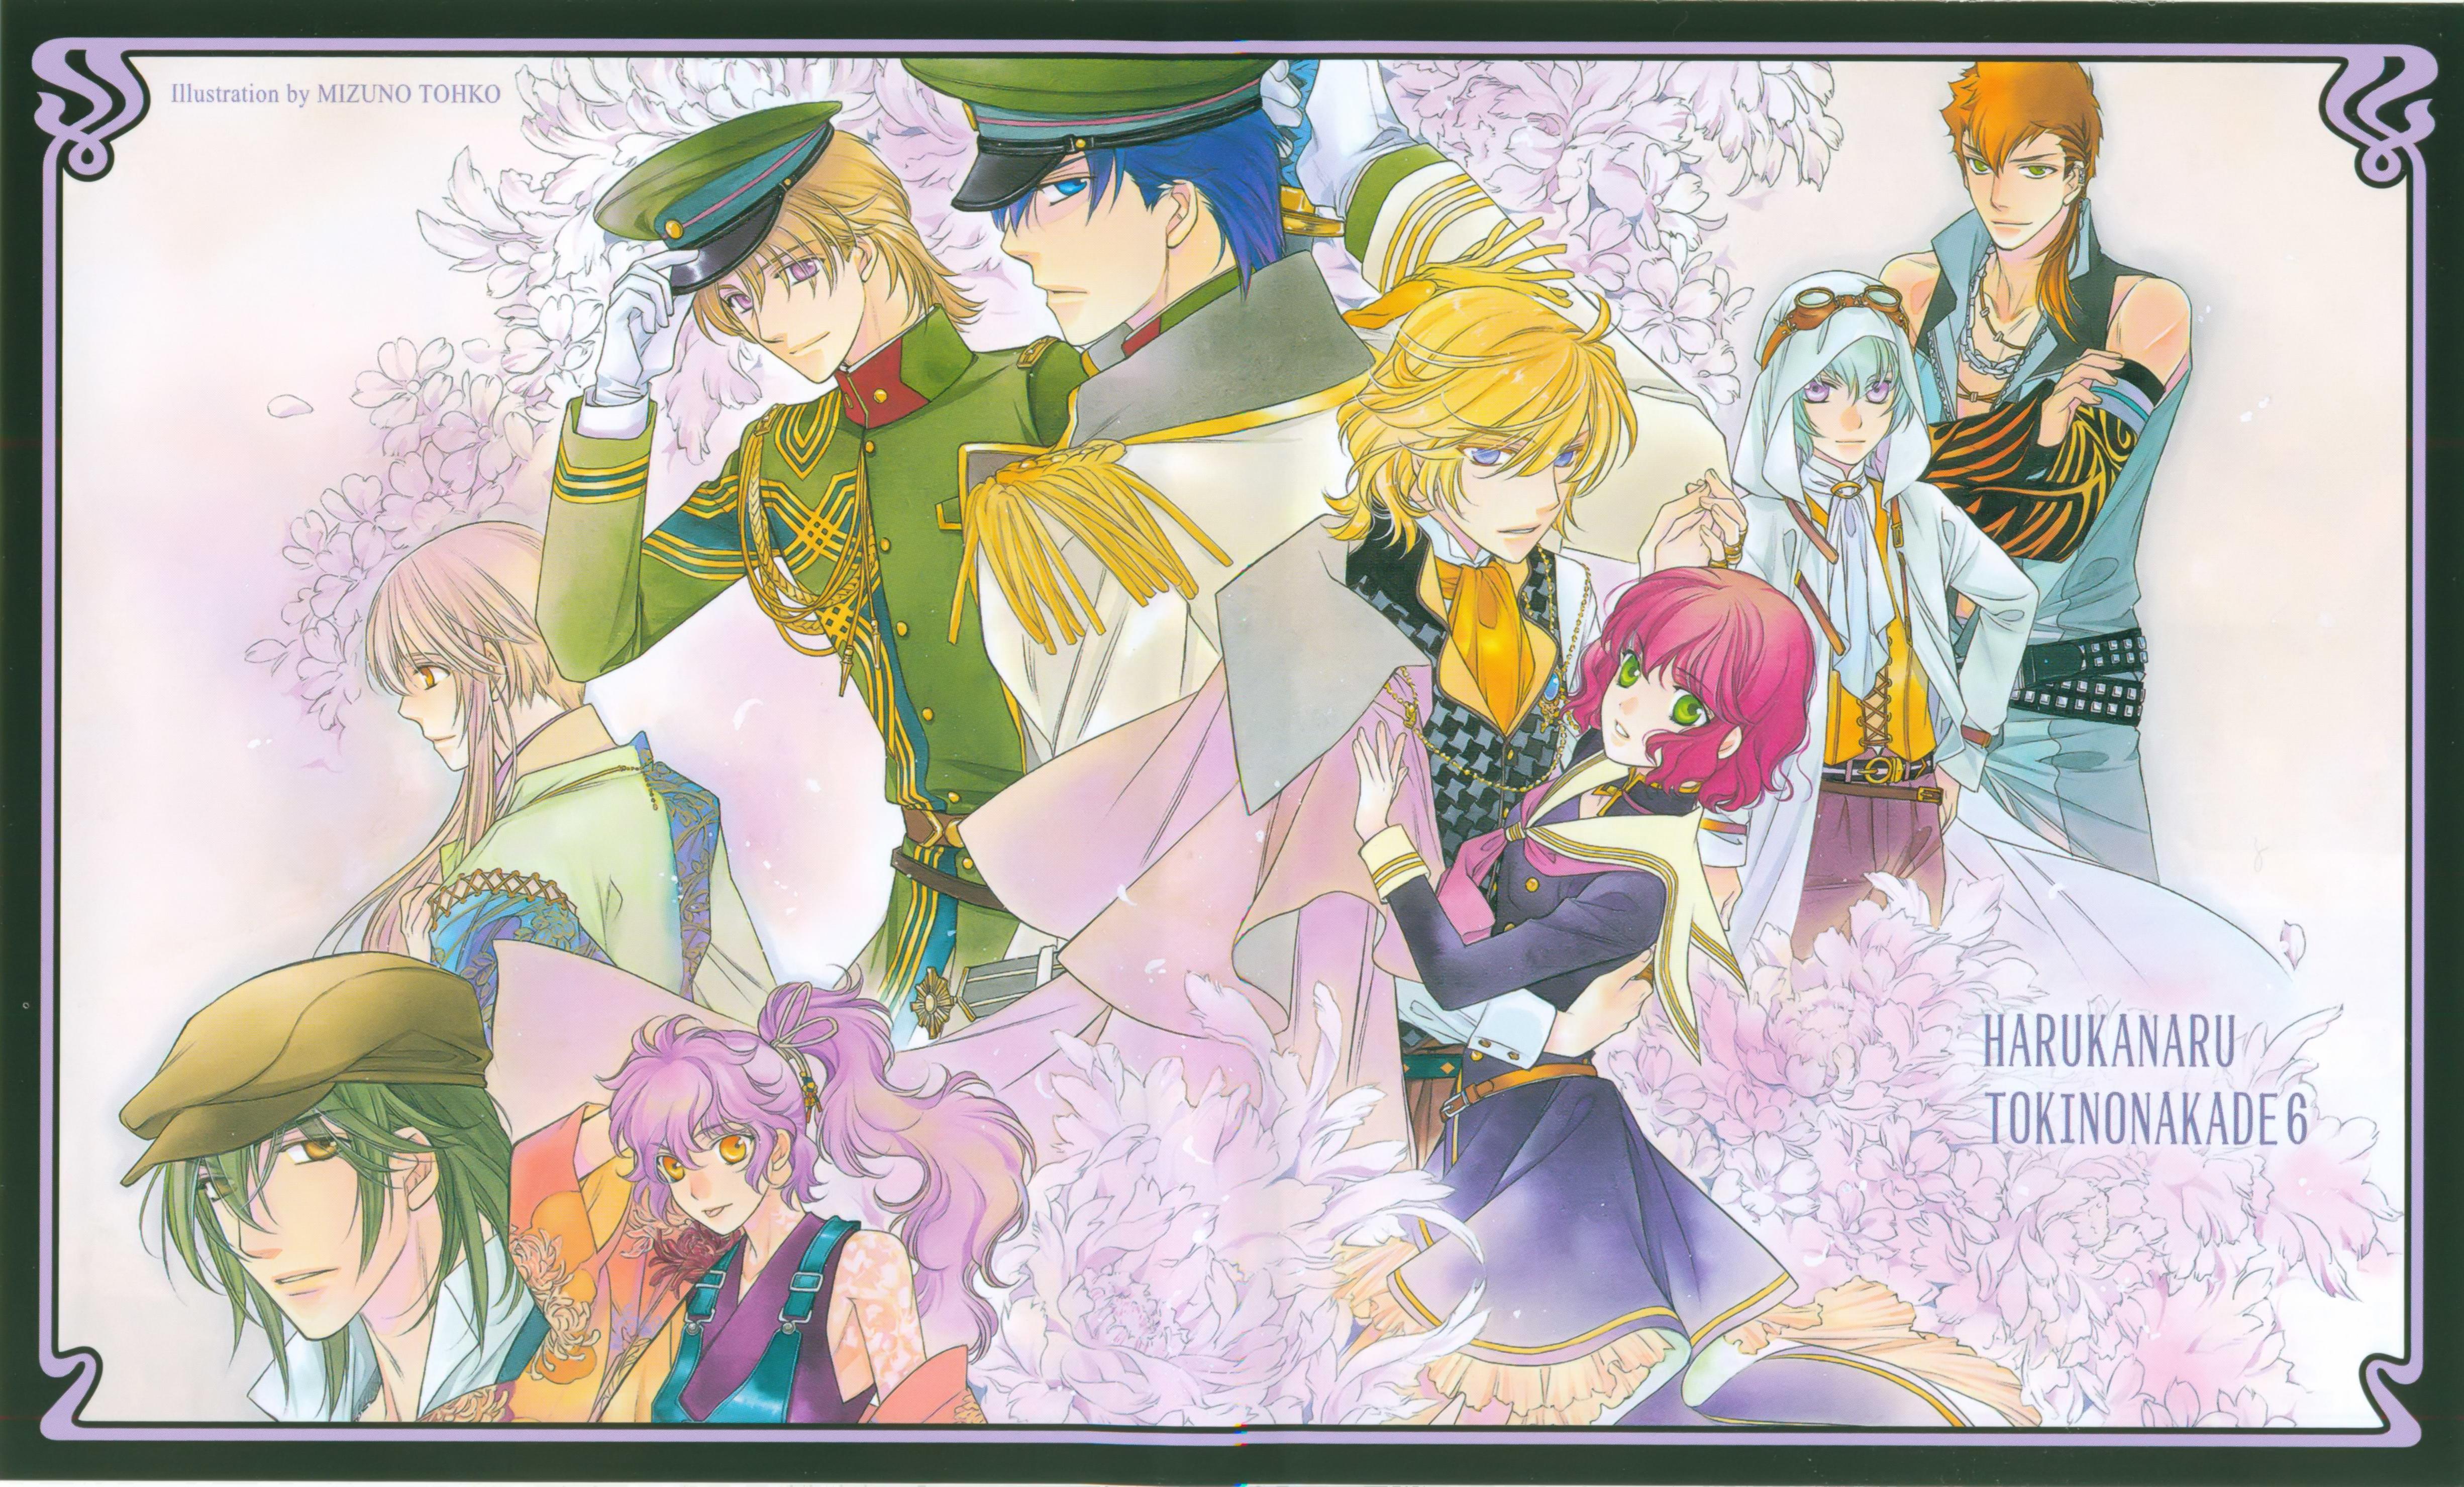 Harukanaru Toki No Naka De Backgrounds on Wallpapers Vista